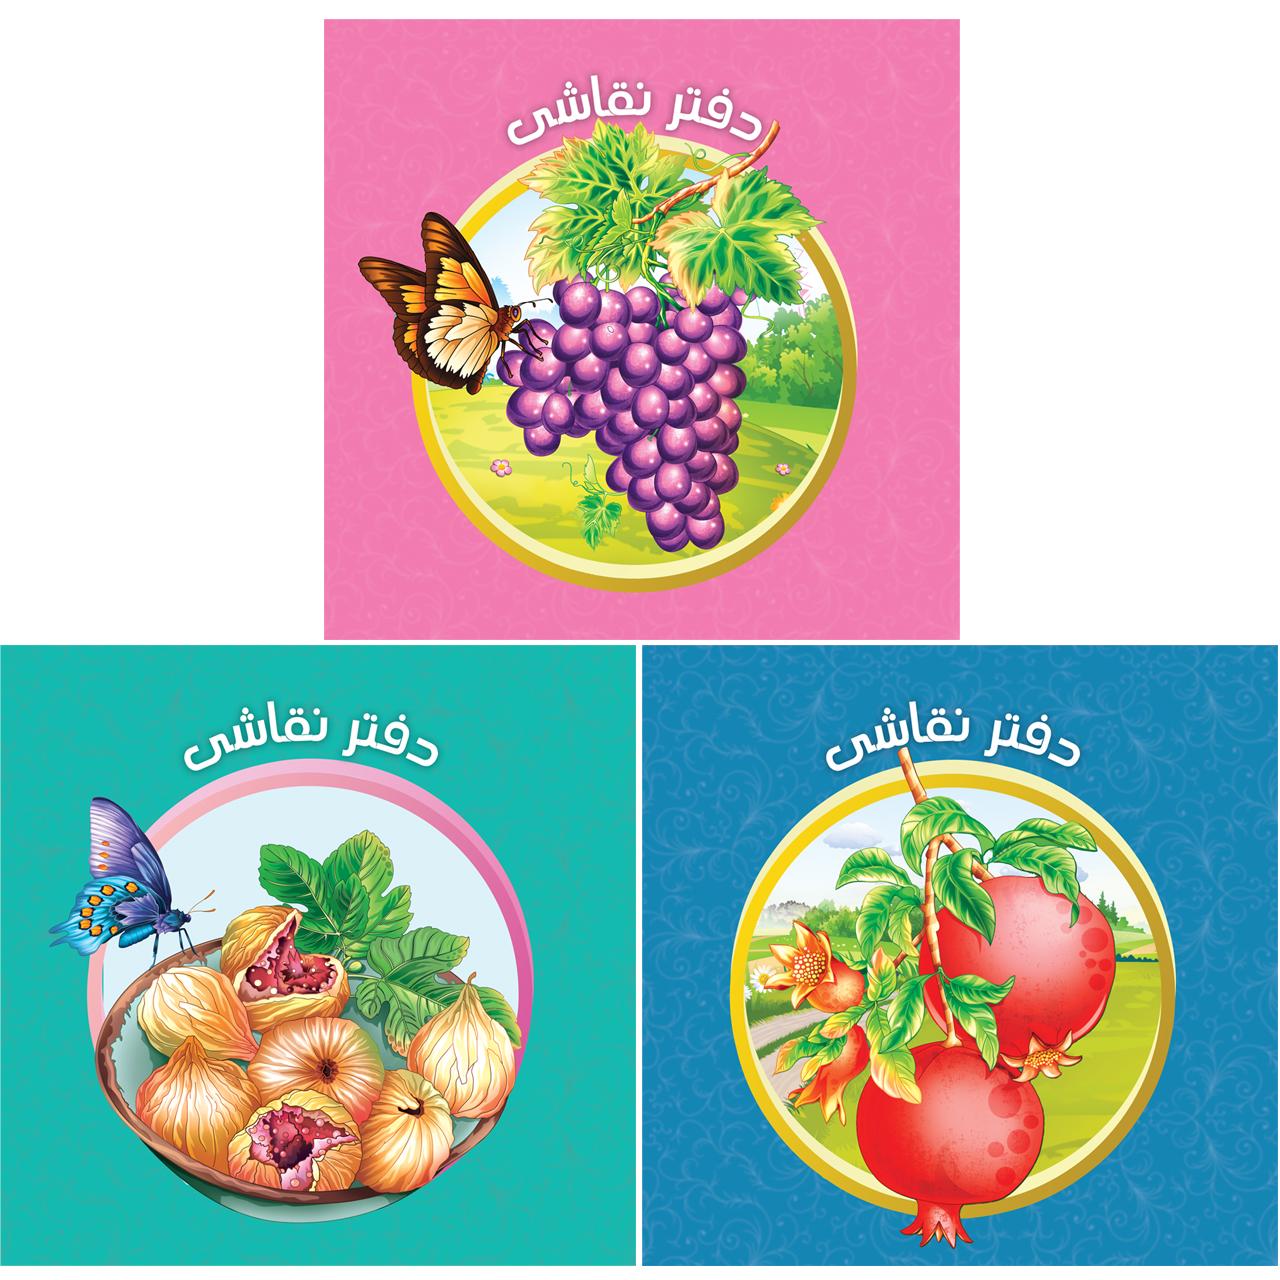 دفتر نقاشی یاس بهشت طرح میوه ها کد KH4 مجموعه 3 عددی